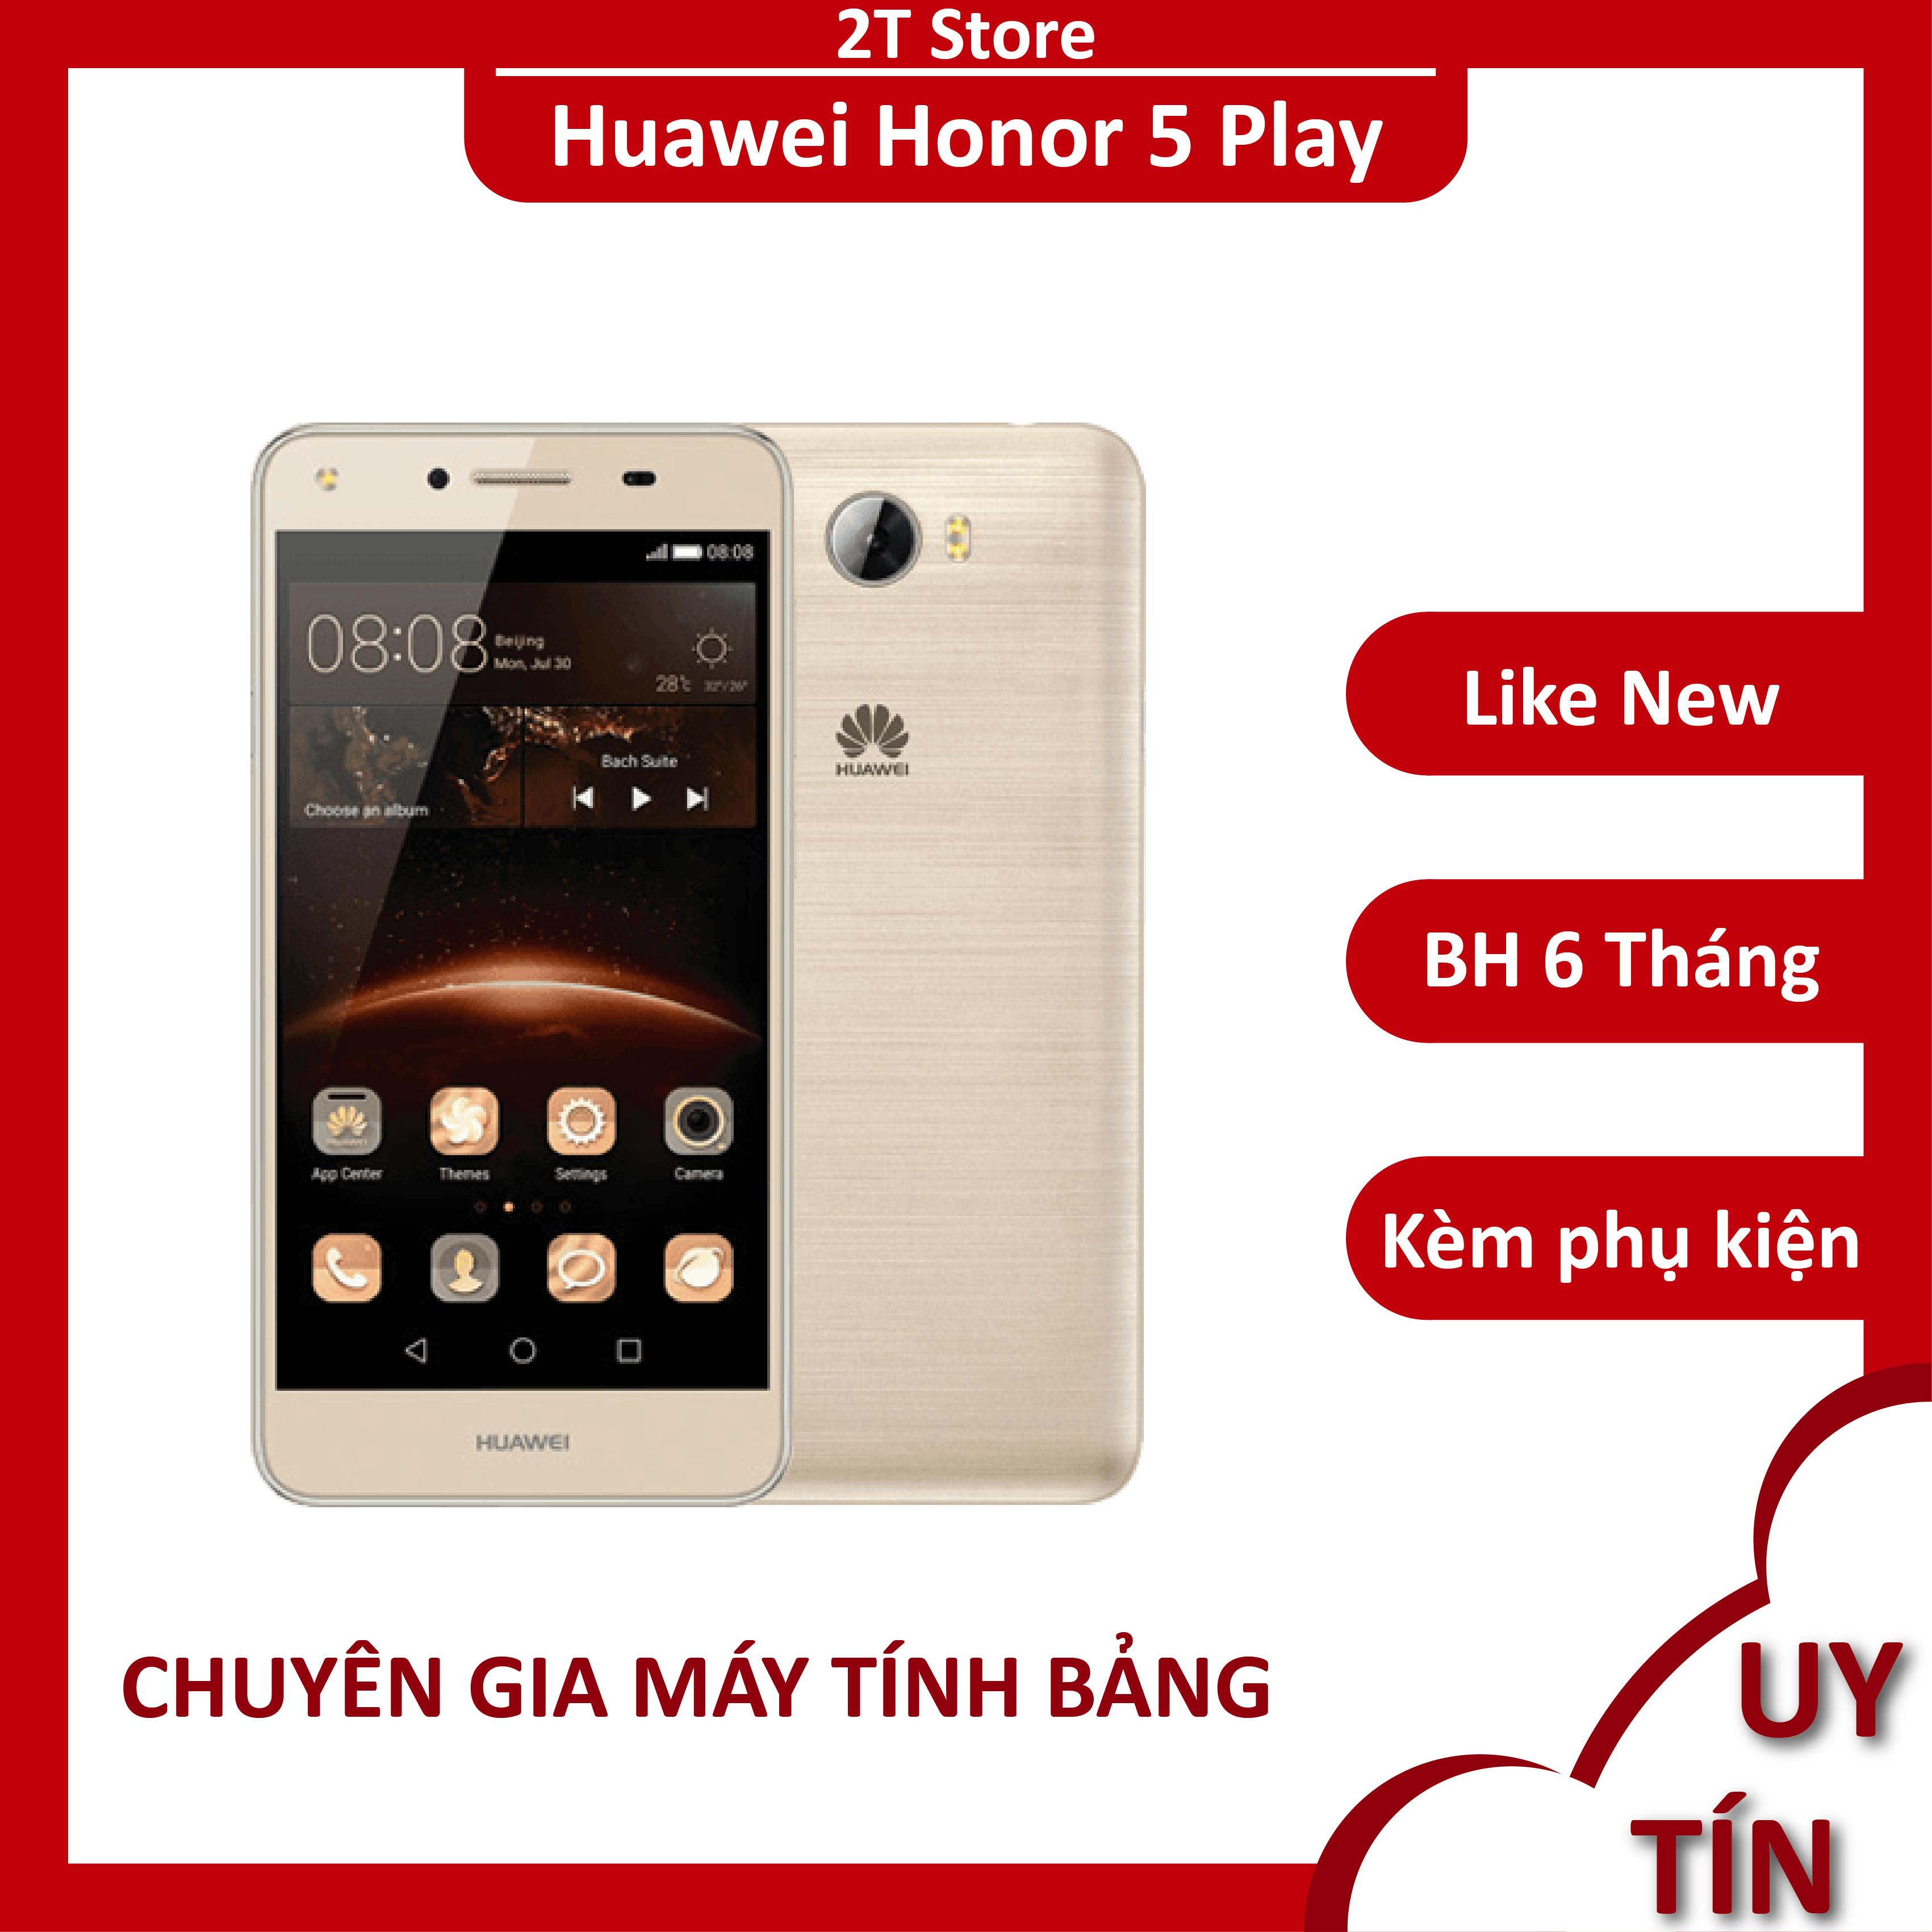 Điện thoại Huawei Honor 5 Play chiến liên quân, free fire thoải mái